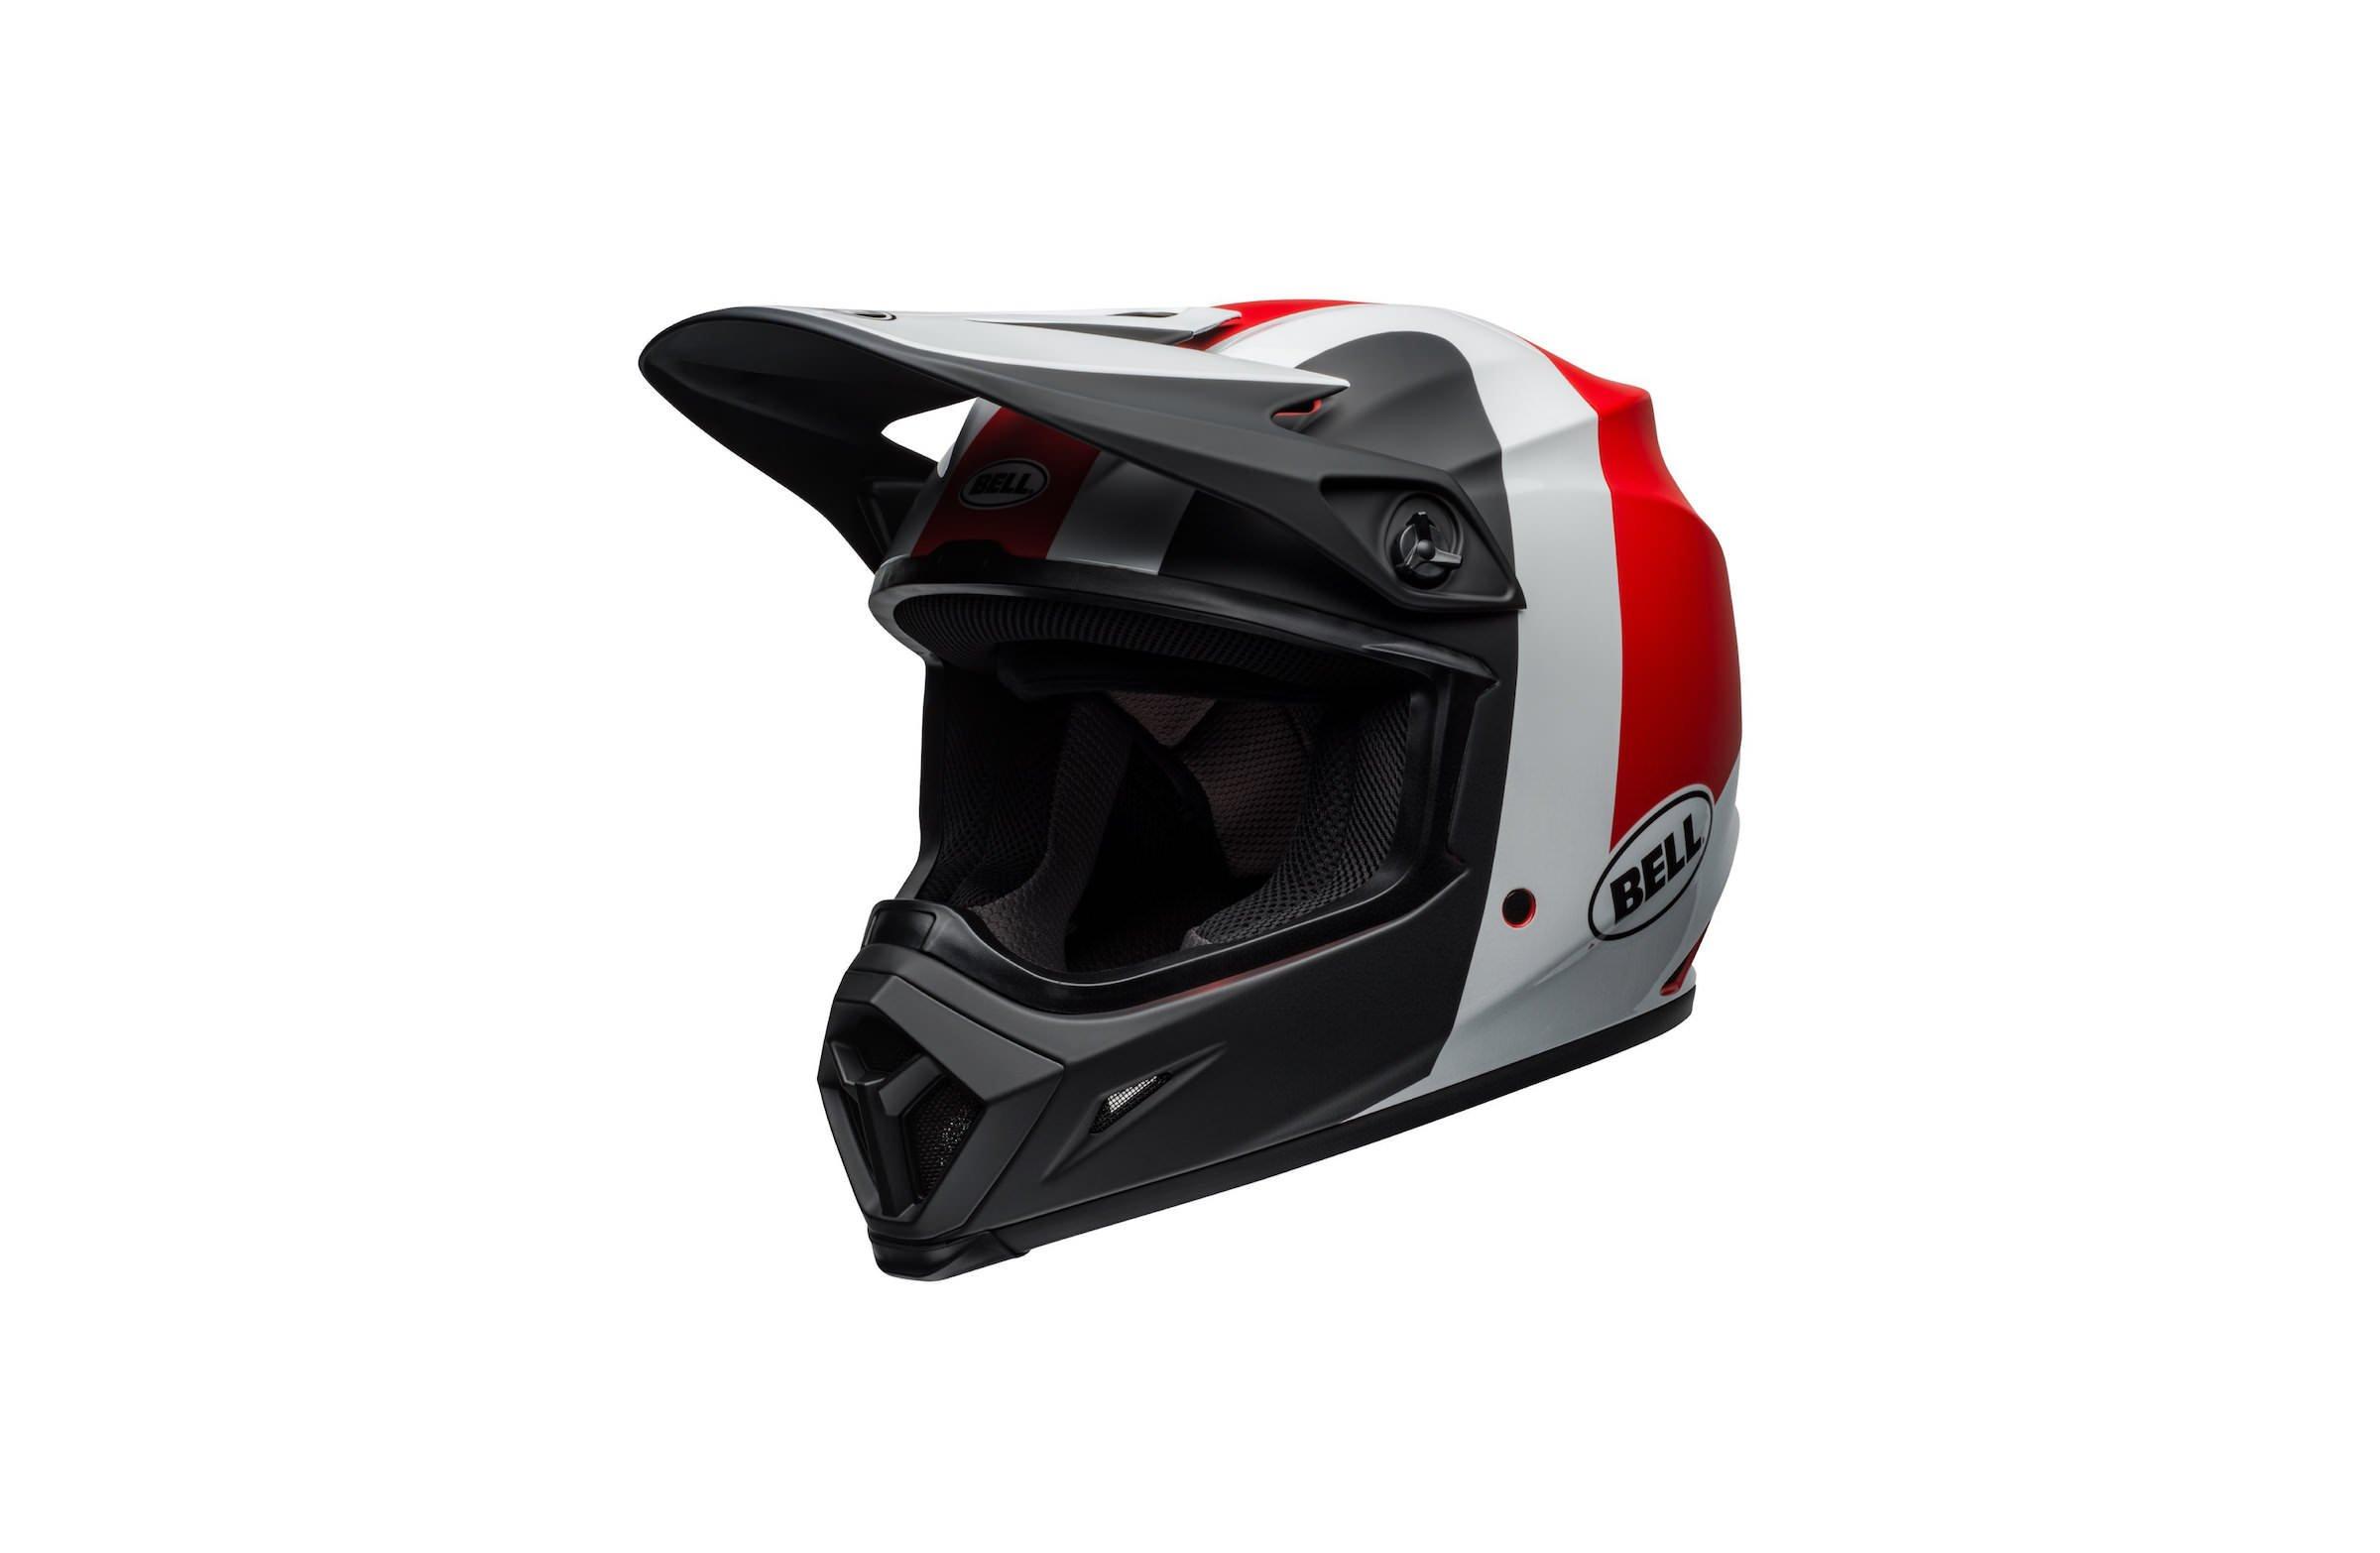 Bell MX-9 MIPS Motorcycle Helmet